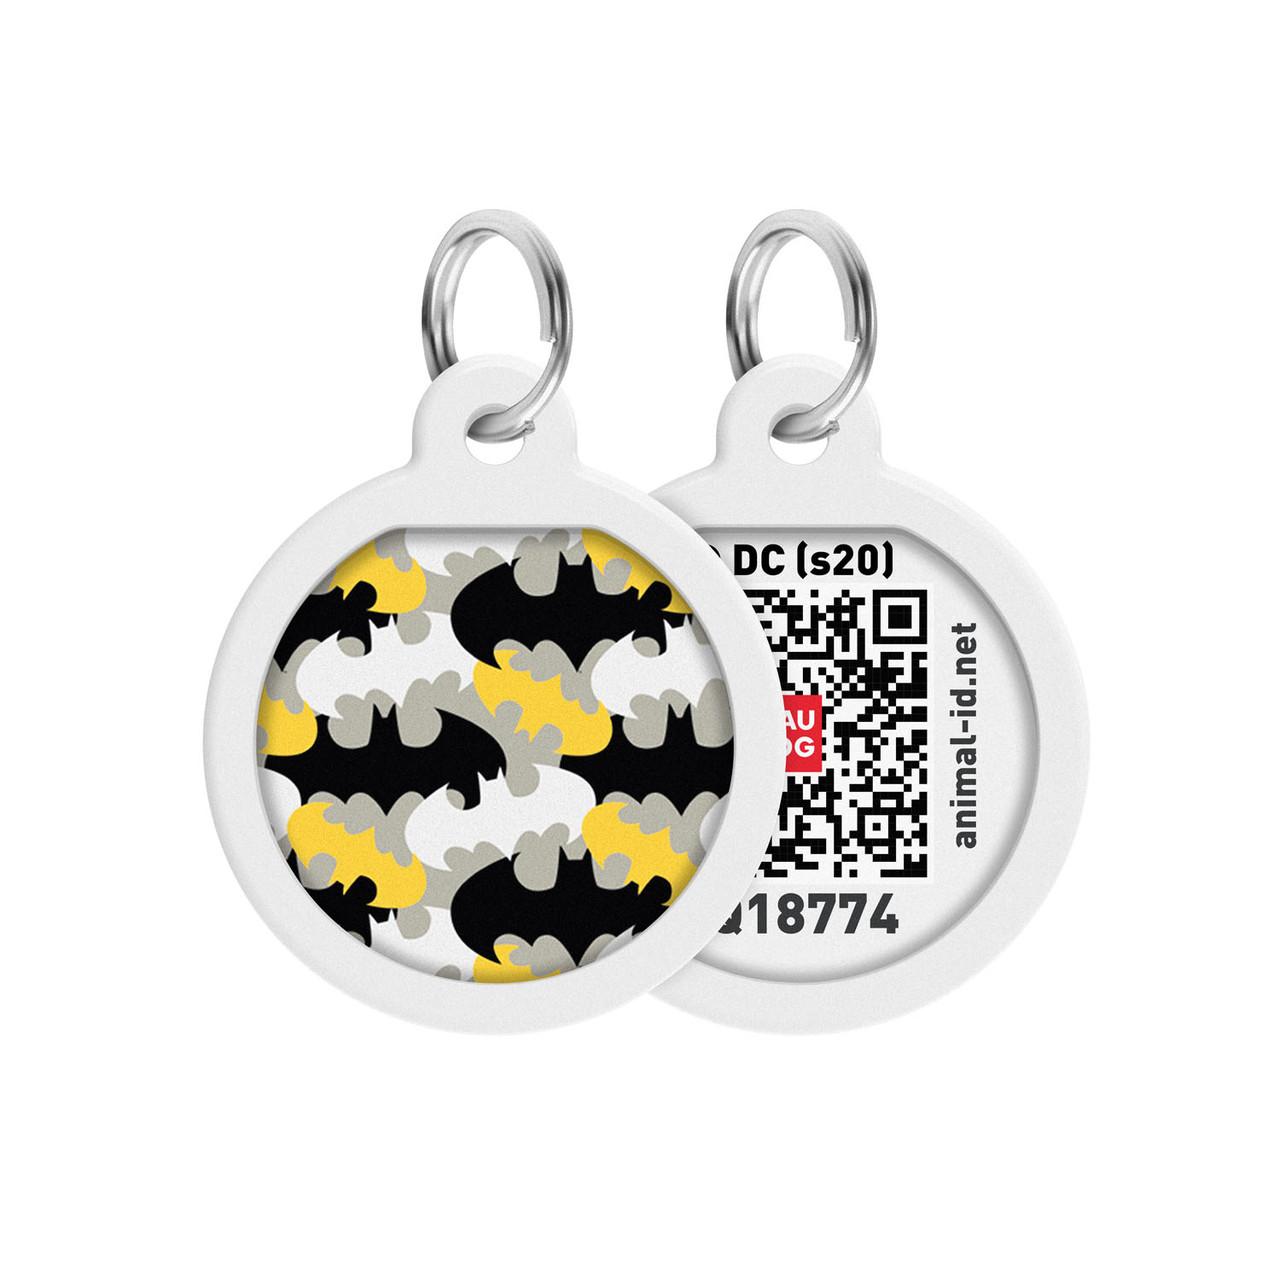 """Адресник WAUDOG Smart ID с QR паспортом, премиум, рисунок """"Бэтмен узор"""" (0625-1020)"""